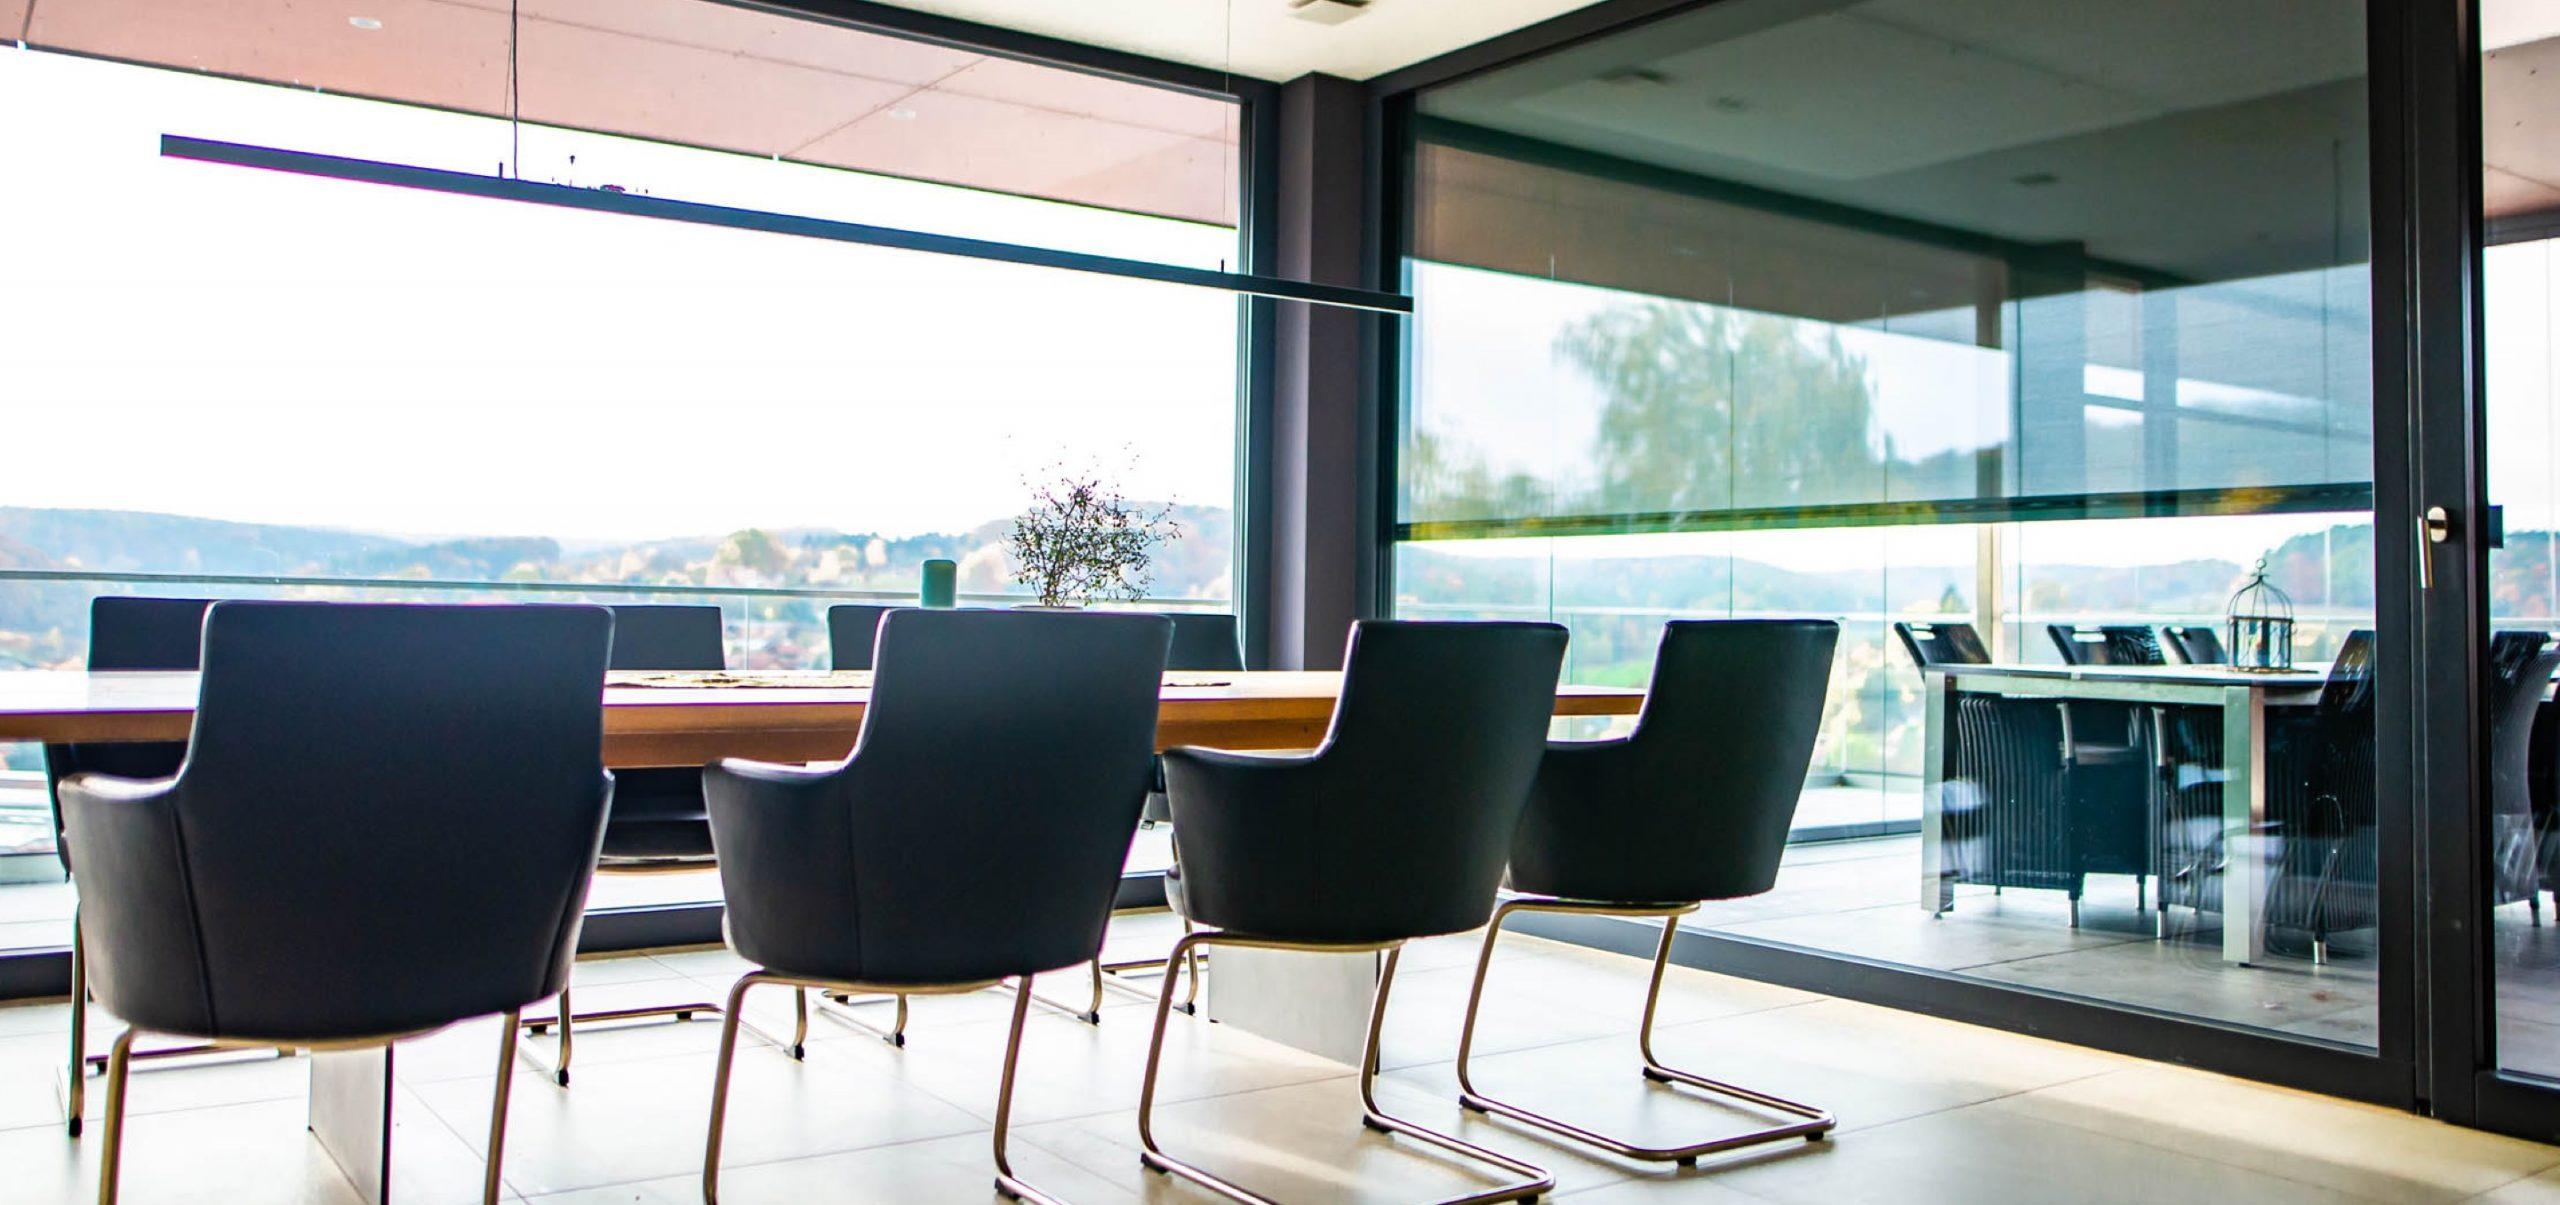 Full Size of Fenster Deutschlandsberg Detail Dwg Deutschland Schweiz Design Home Eichhorn Fenster Fenster.de